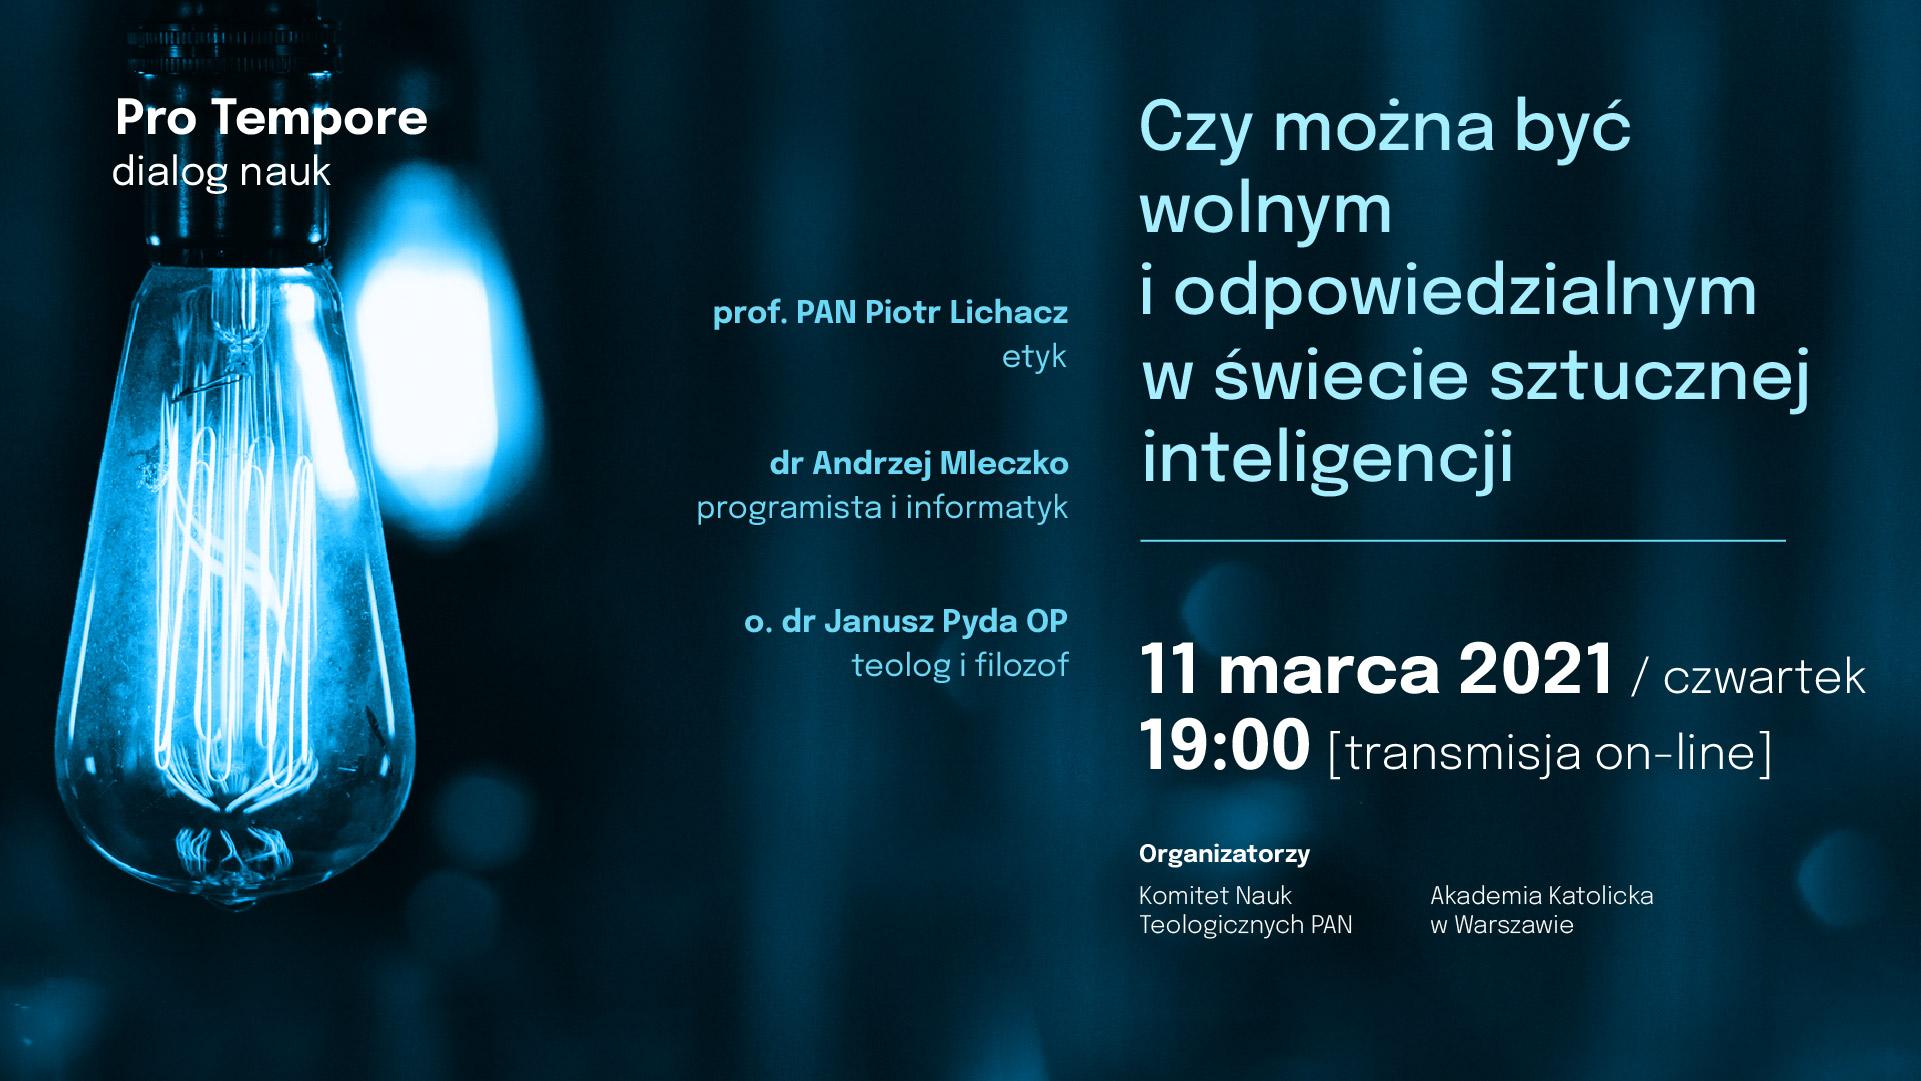 Czy można być wolnym i odpowiedzialnym w świecie sztucznej inteligencji? – 11 marca 2021